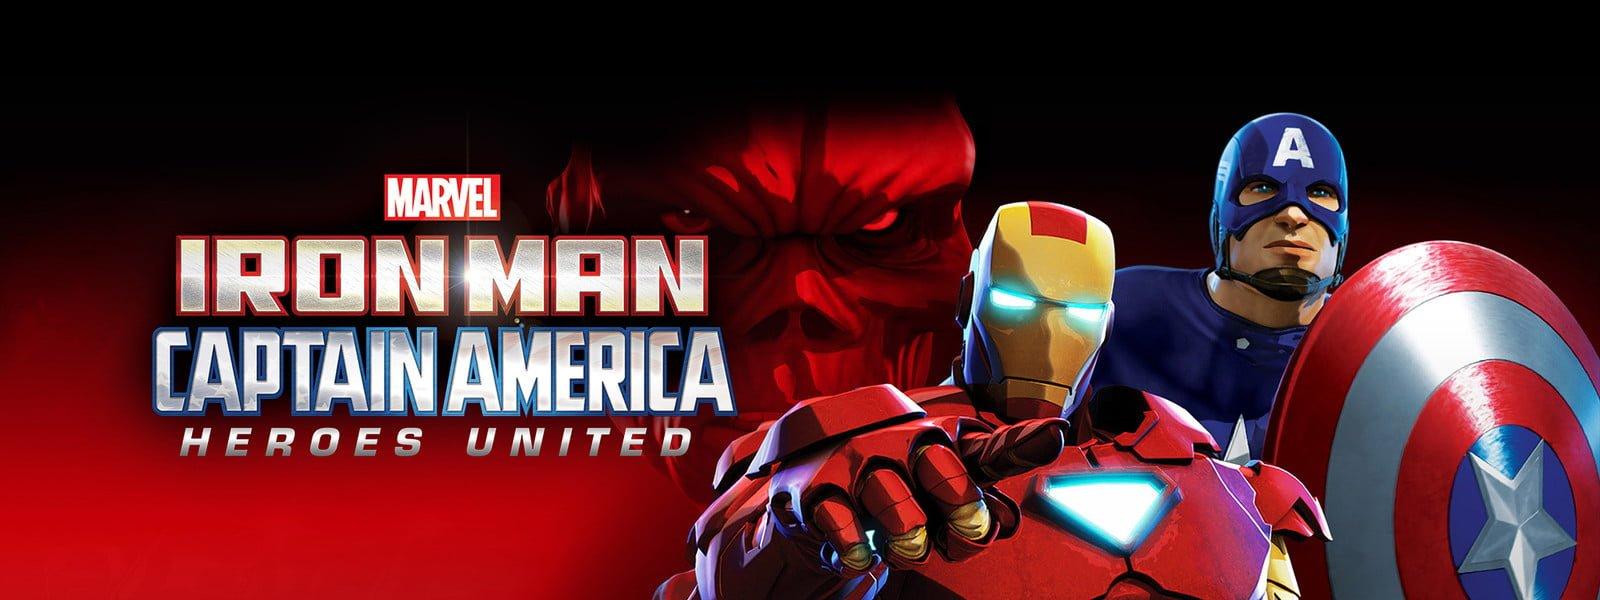 アイアンマン & キャプテン・アメリカ:真のヒーローたち